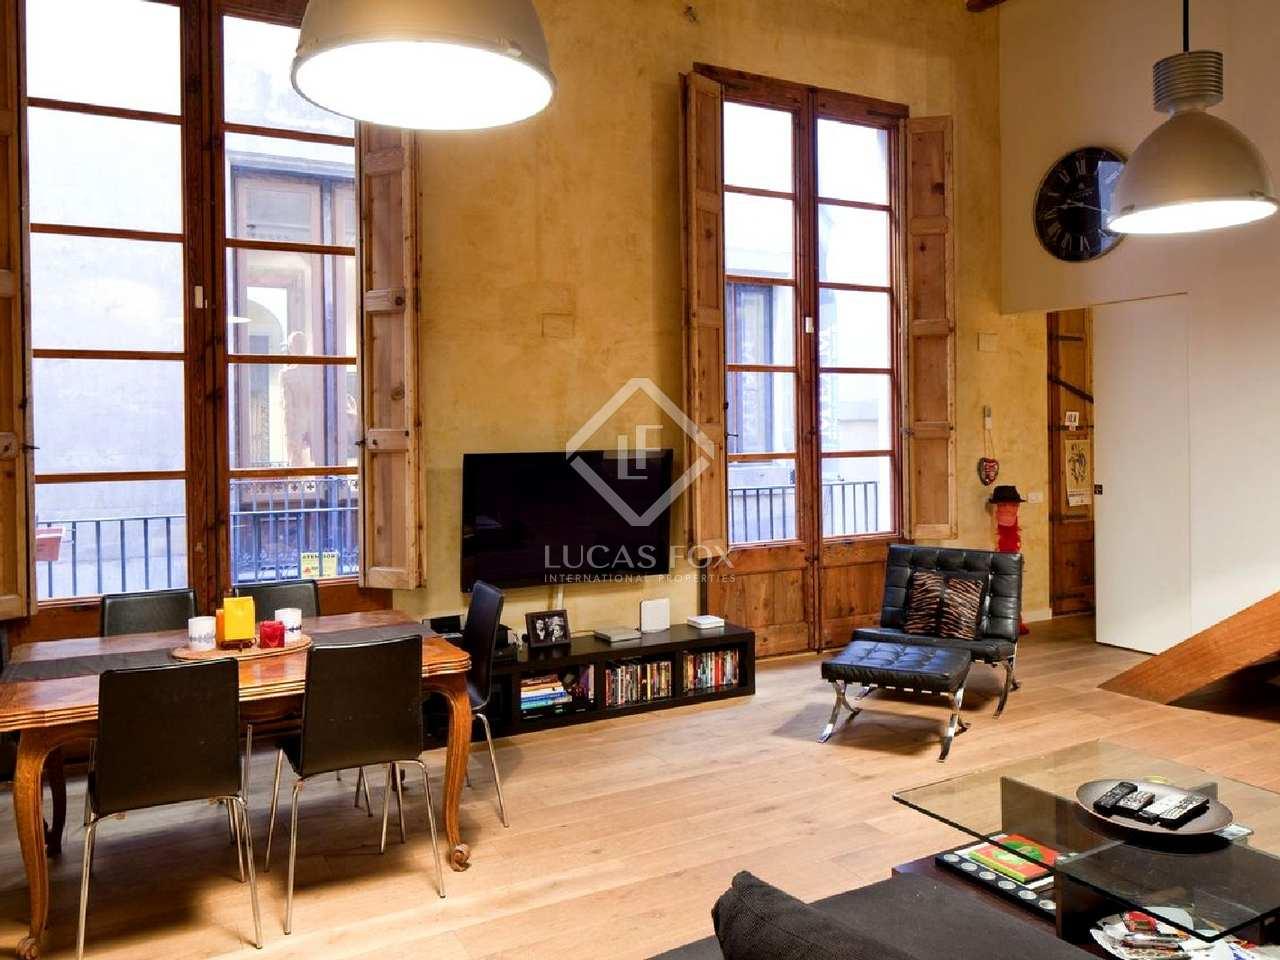 Appartement de 3 chambres coucher en vente au born for Vente de chambre a coucher